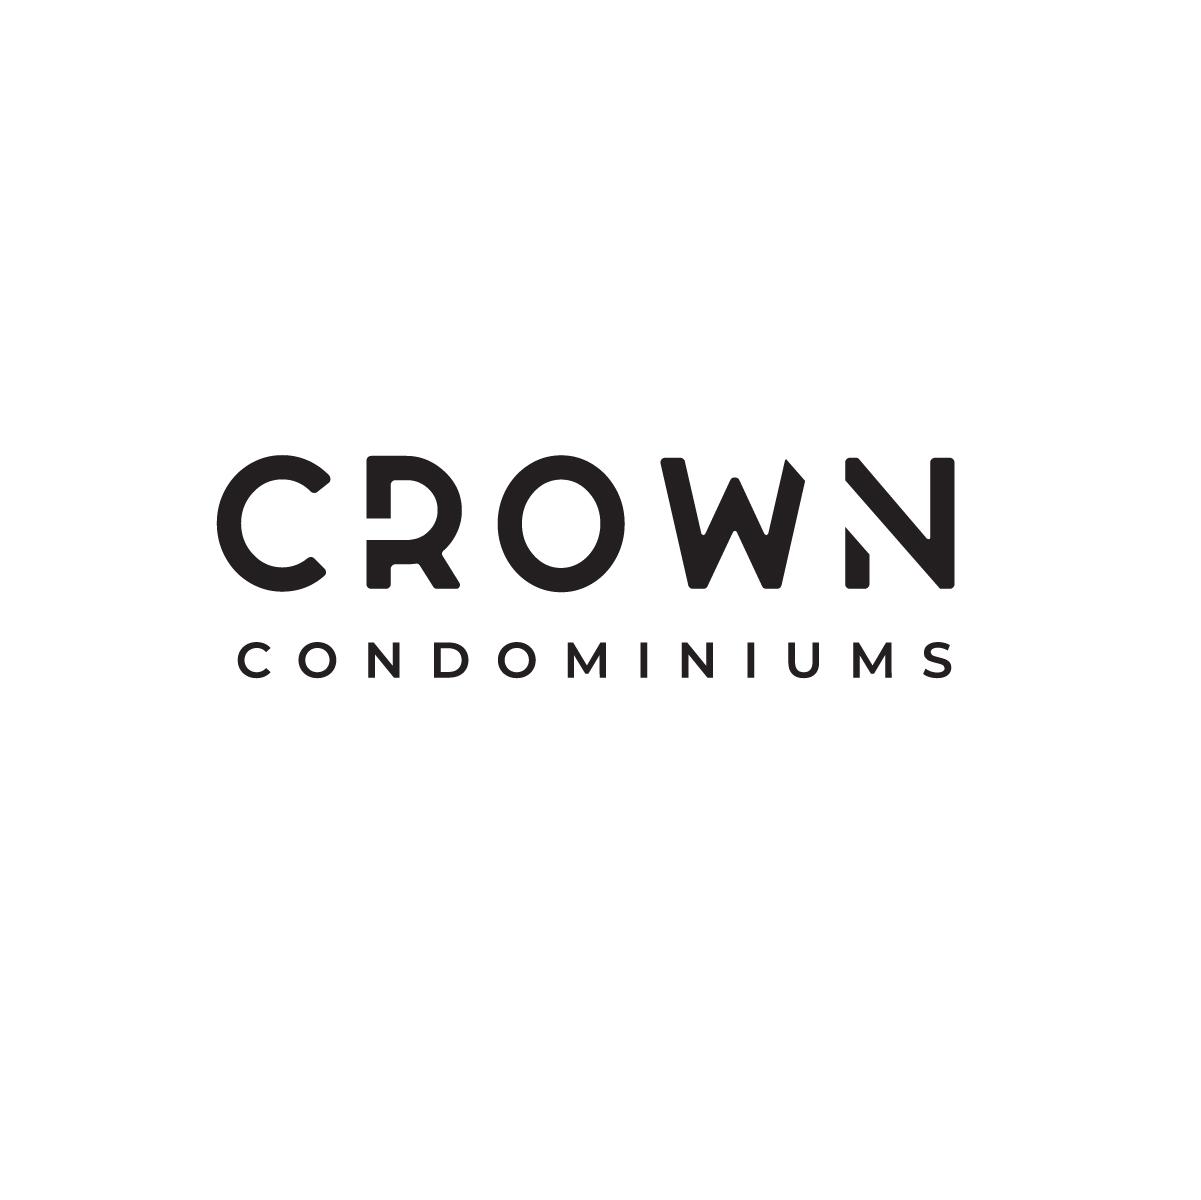 Crown Condos